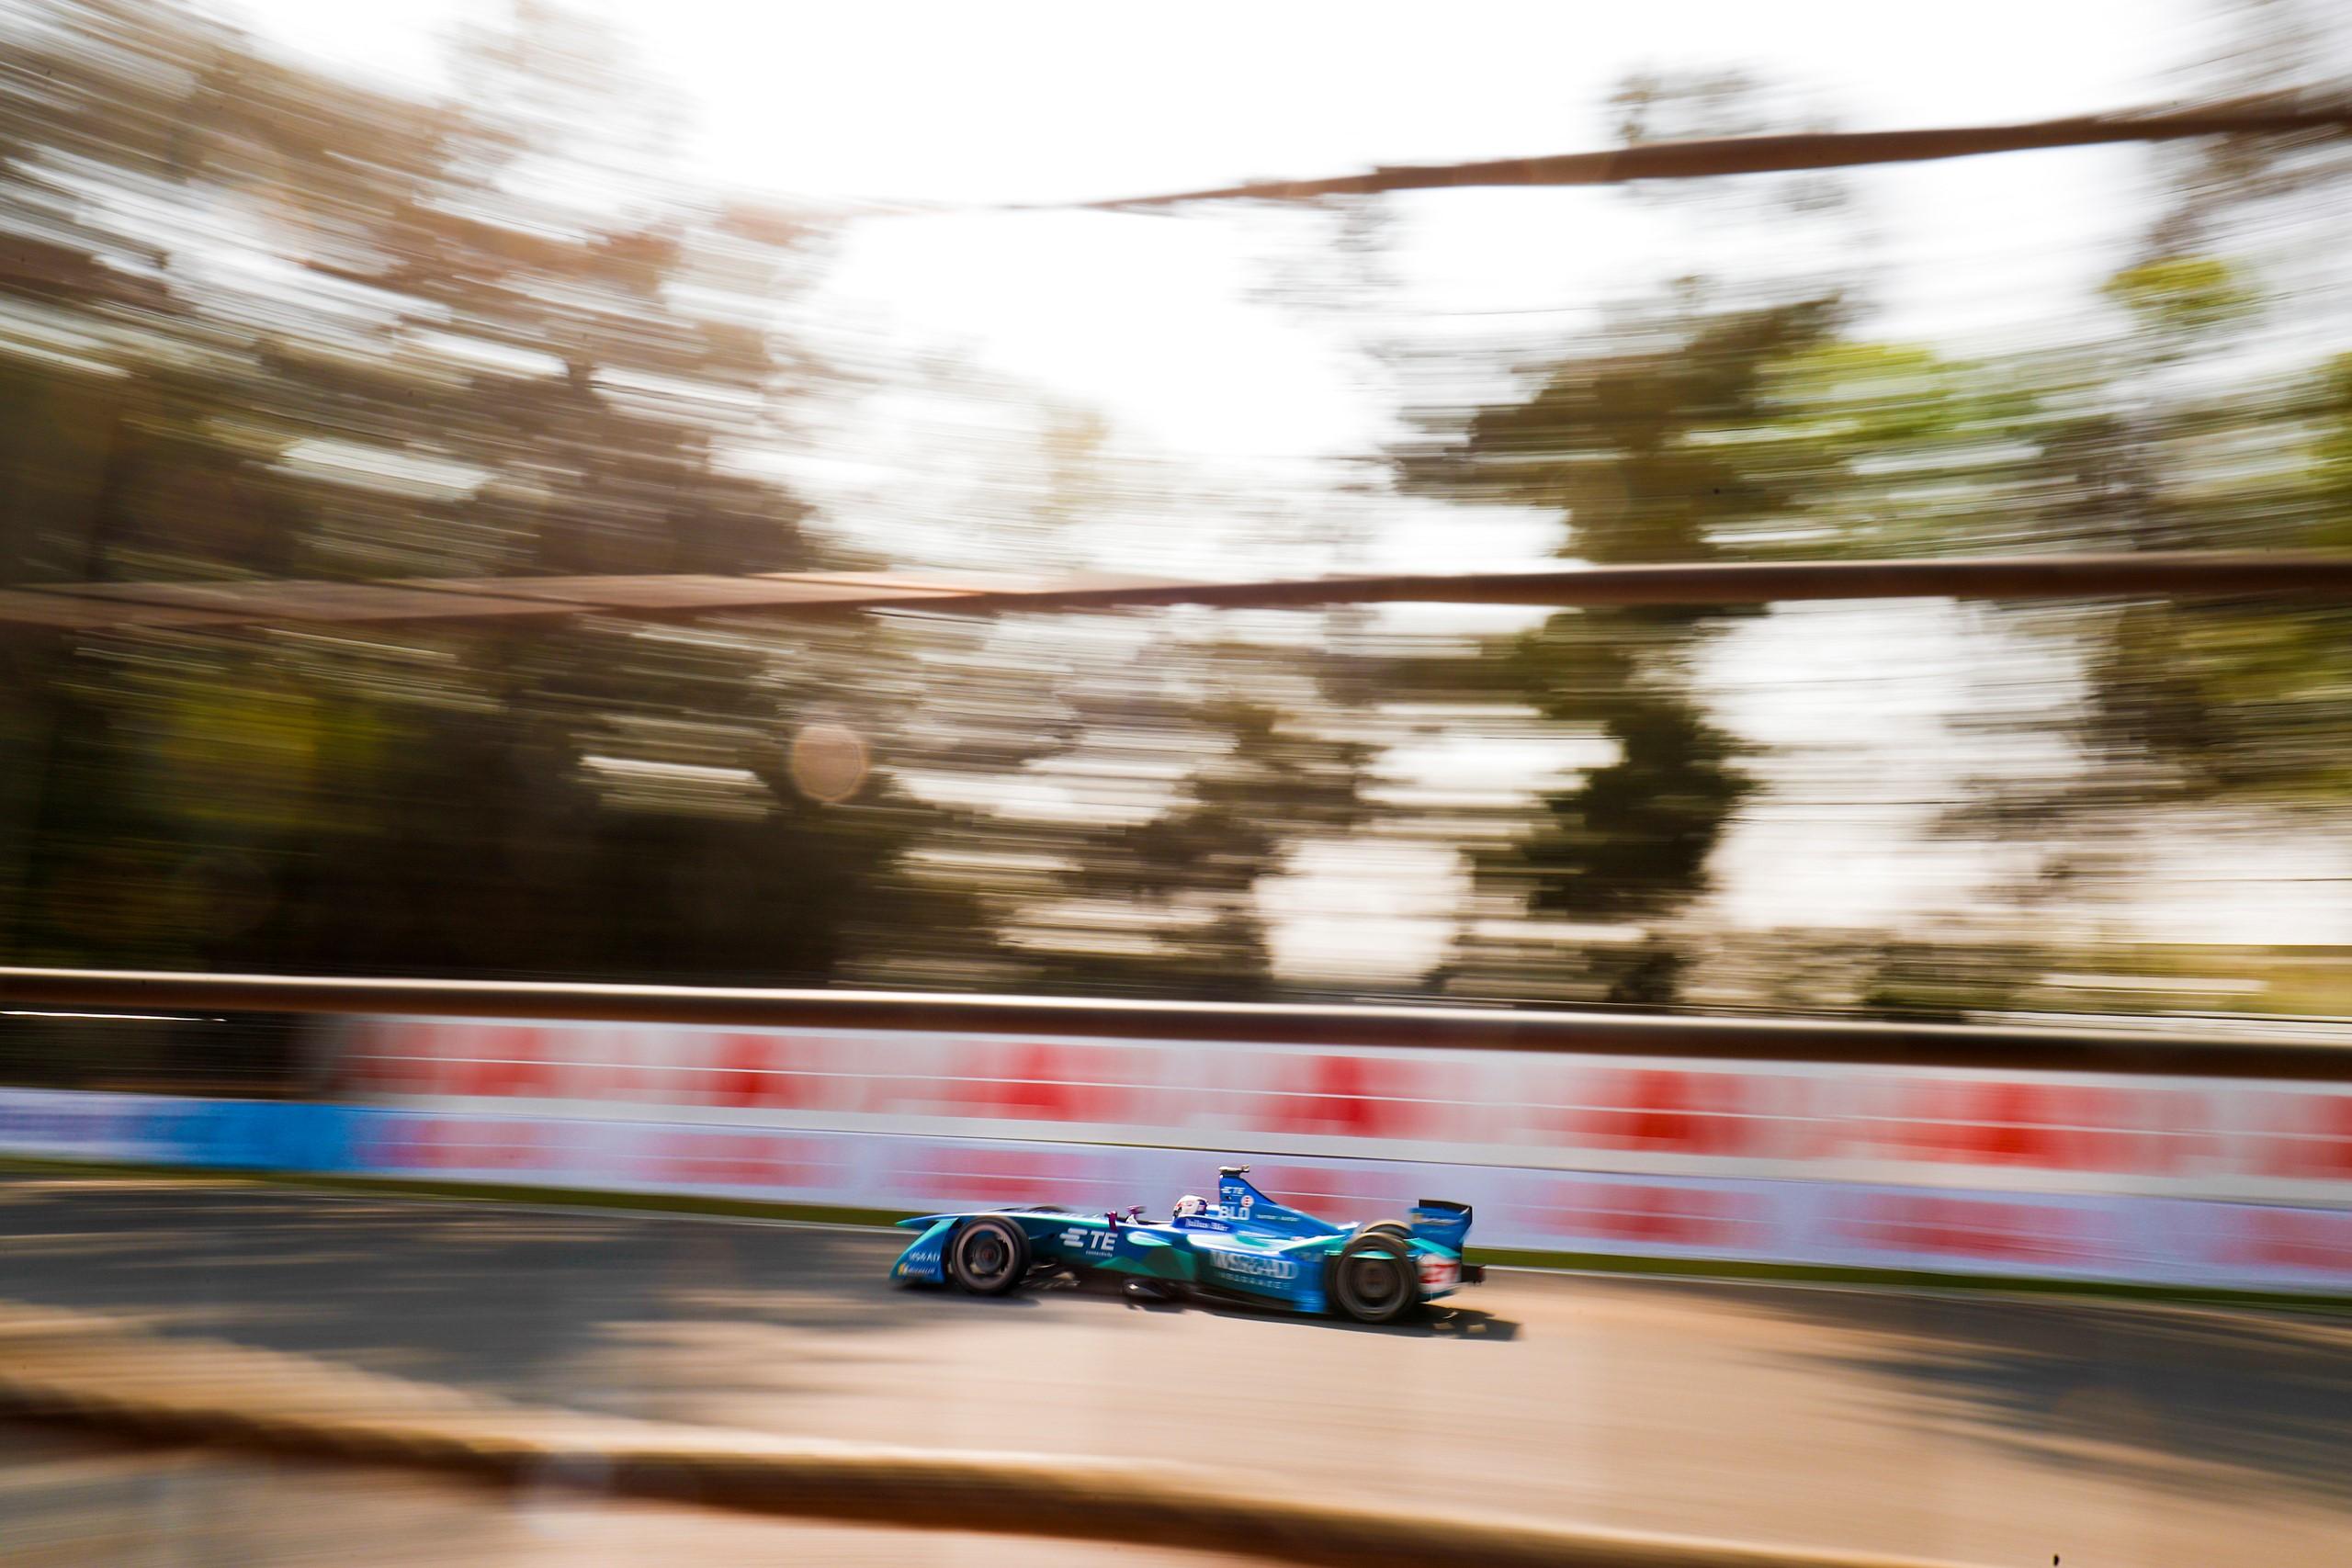 formula e paris eprix Tom Blomqvist BMW MS&AD Andretti Formula E soumilarora.com 3